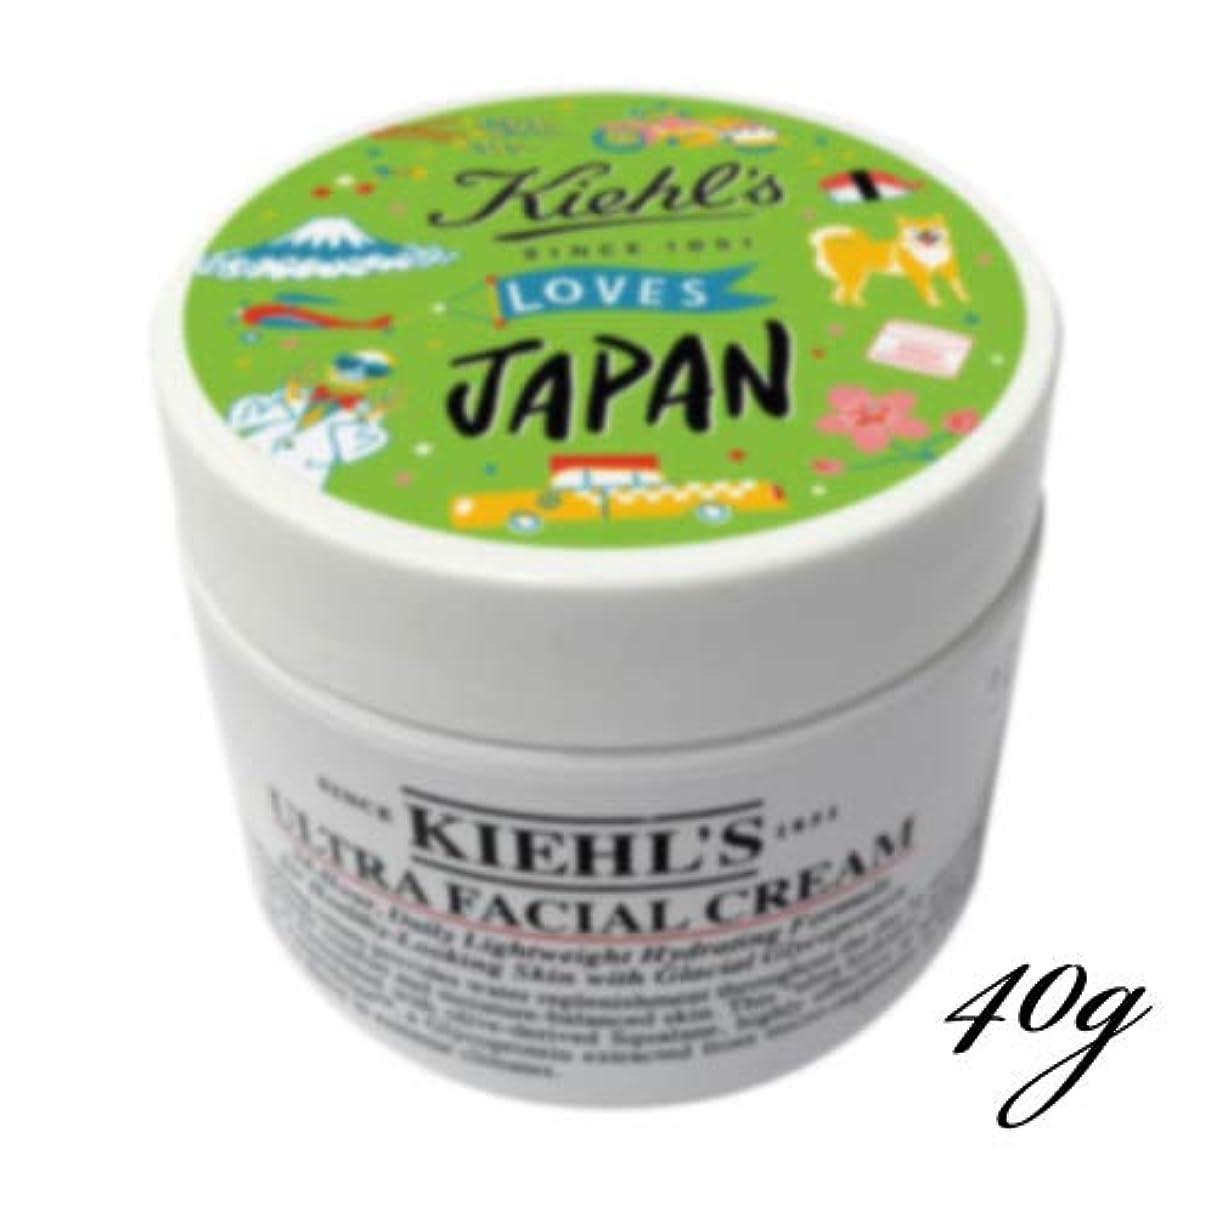 ピーブペルー打撃Kiehl's(キールズ) キールズ クリーム UFC (Kiehl's loves JAPAN限定 エディション) 49g